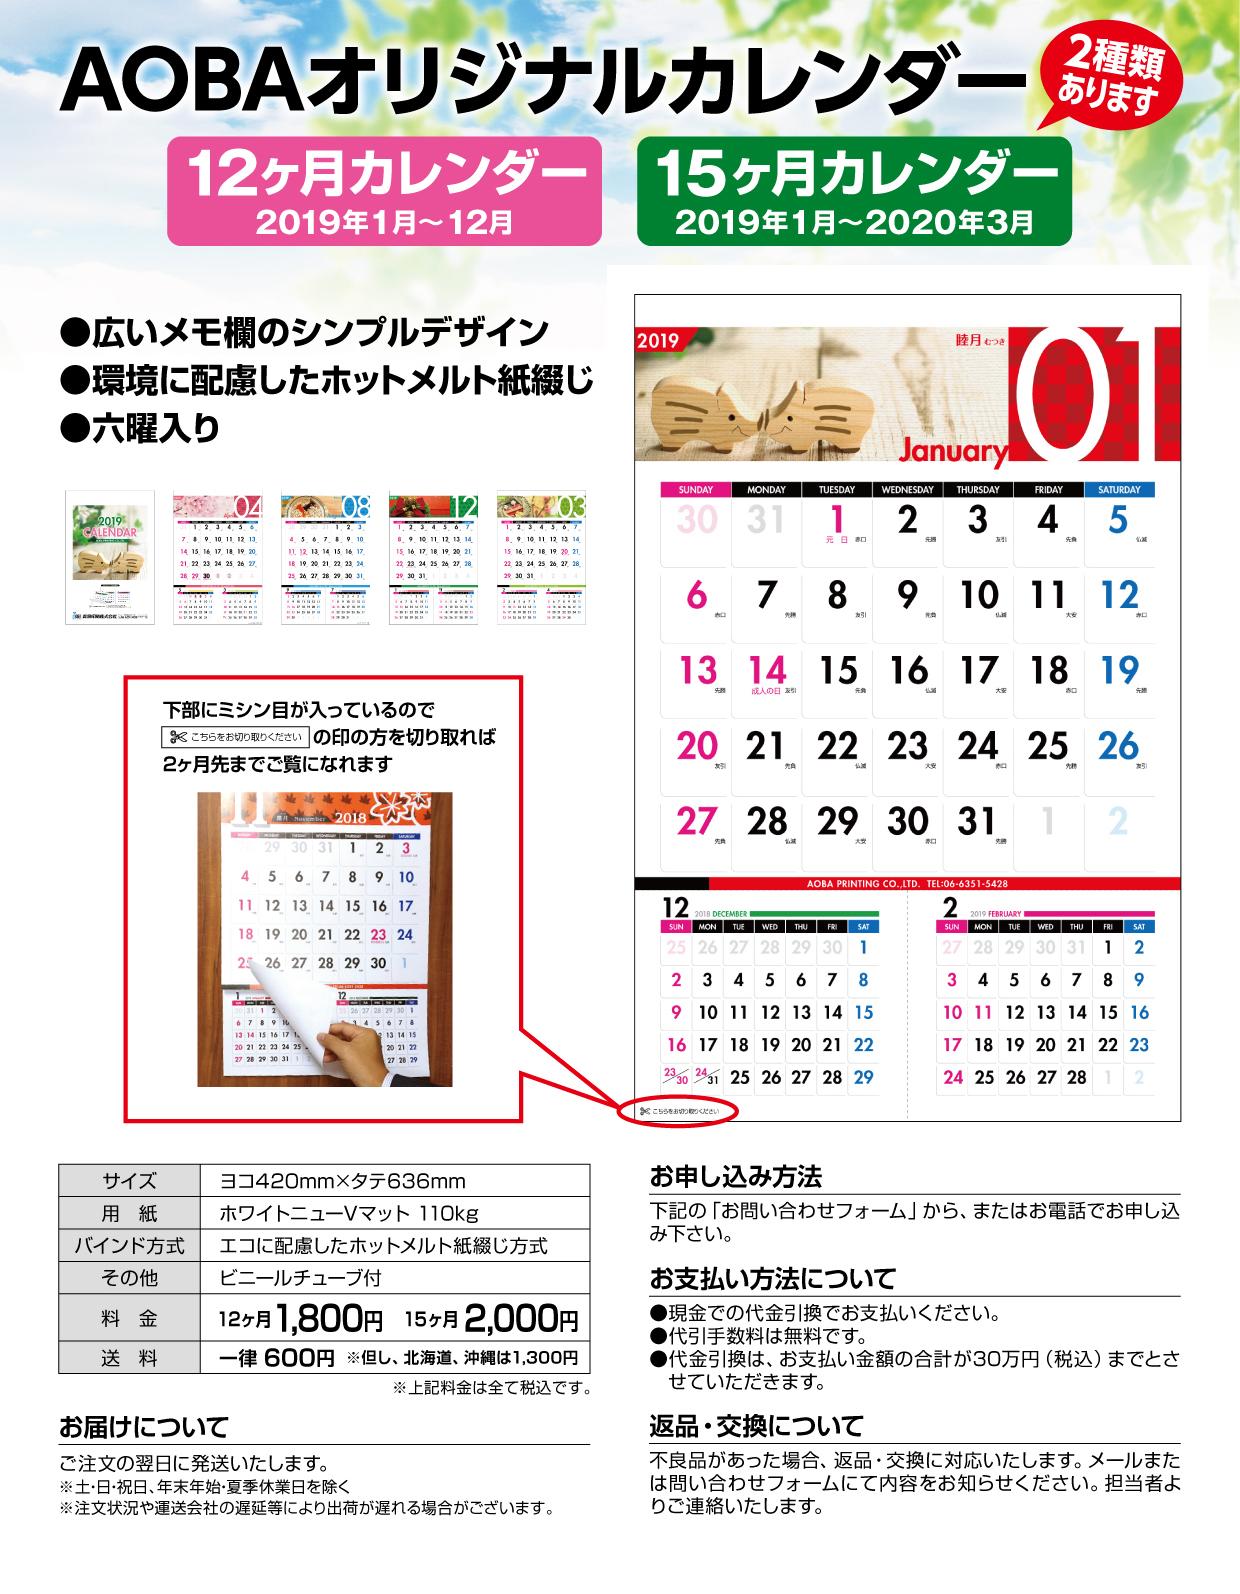 カレンダー販売のご案内です。